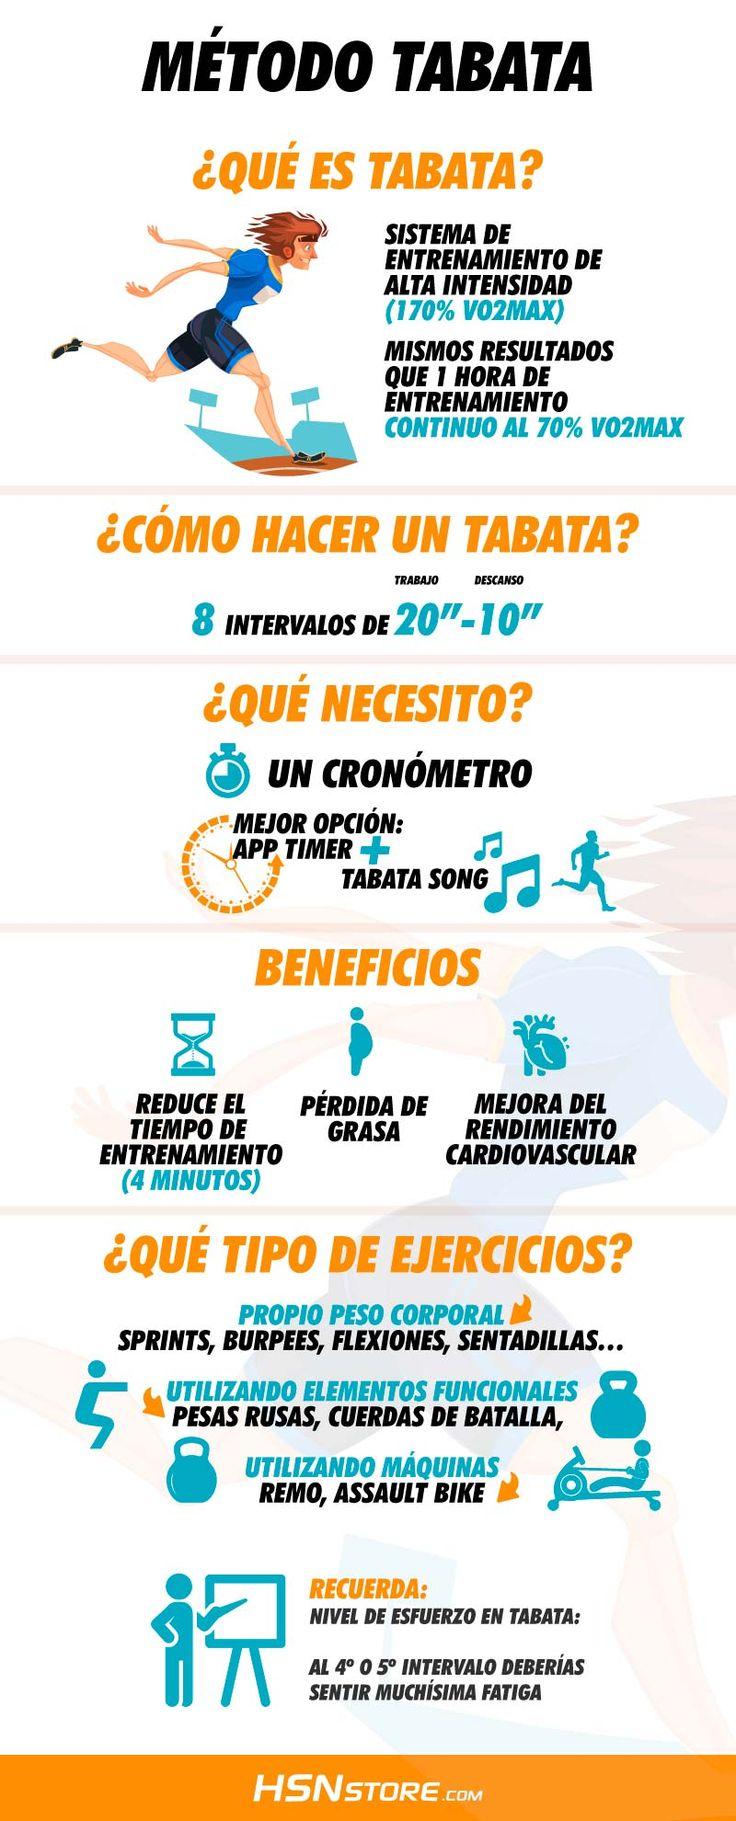 Tabata: Qué es, Cuáles son sus Beneficios, Rutinas y Ejercicios para Quemar Grasa.#infographic #fitness #motivation #motivacion #gym #musculacion #workhard #musculos #fuerza #chico #chica #chicofitness #chicafitness #sport #entrenar #trainning #suplemento #tabata #beatman